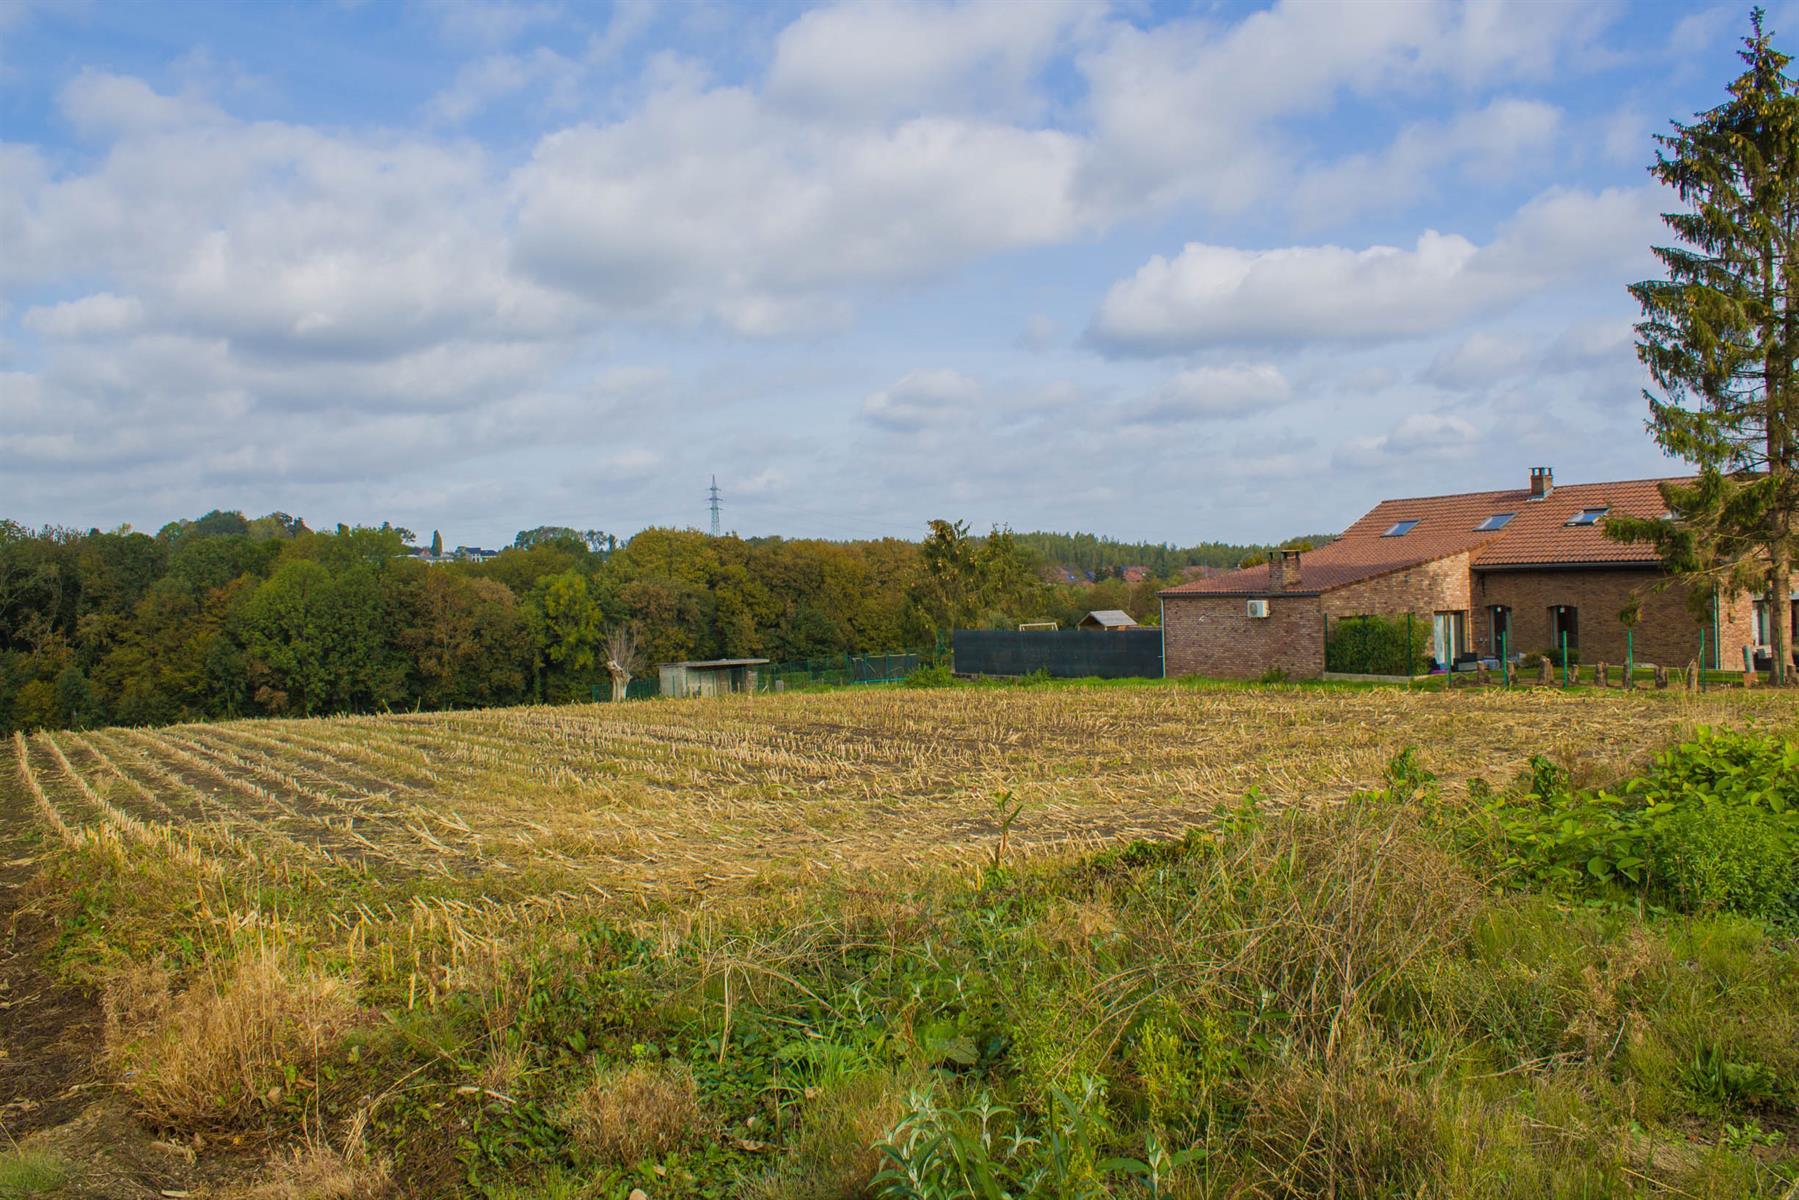 Terrain à bâtir - Monceau-sur-Sambre - #4321098-9